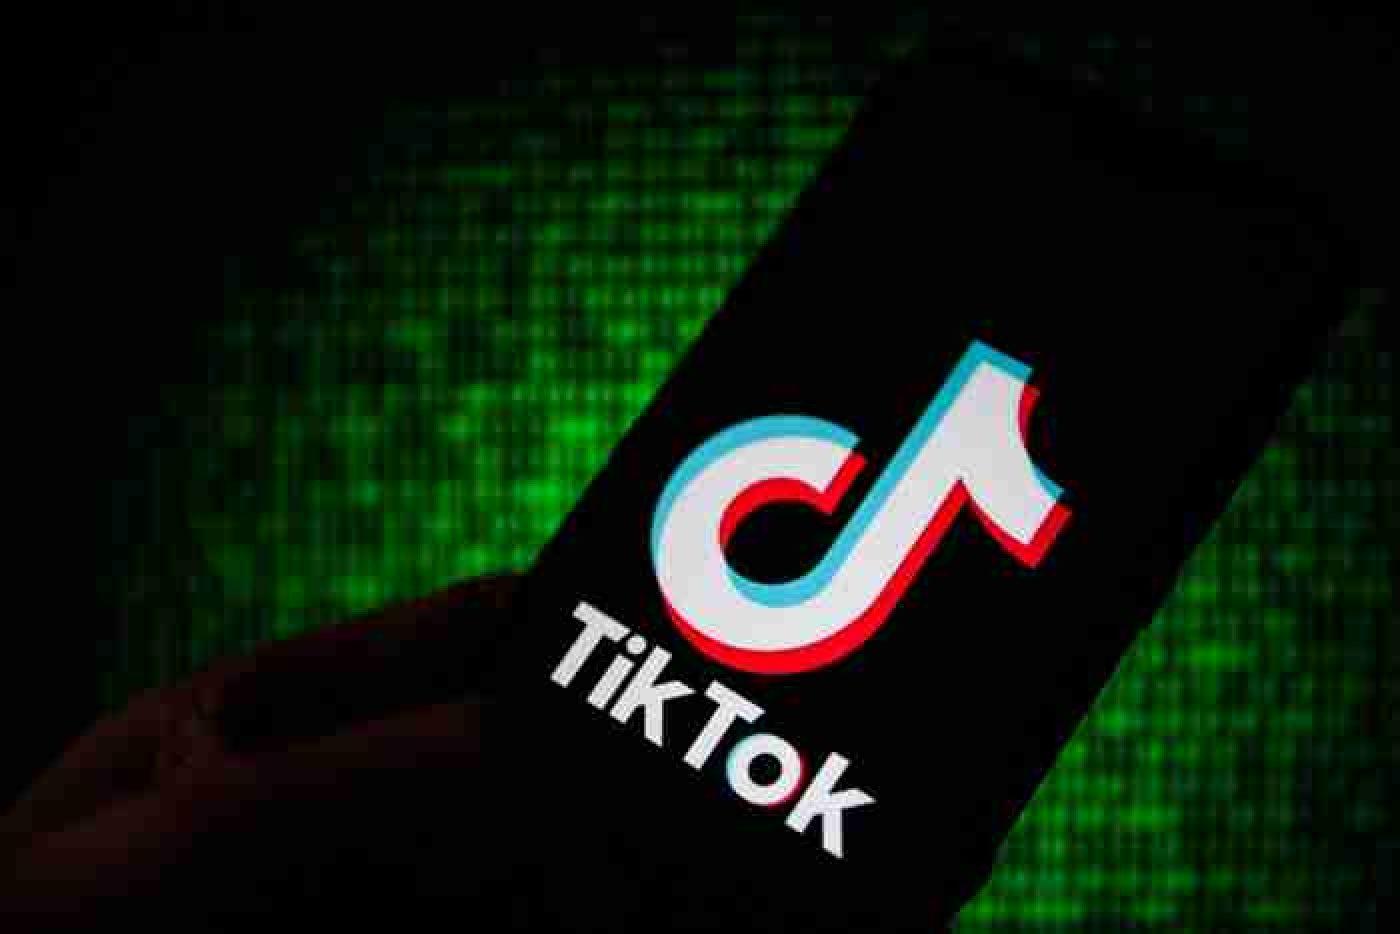 Я шагаю по столу, как Назарбаев в Астану: новый тренд TikTok